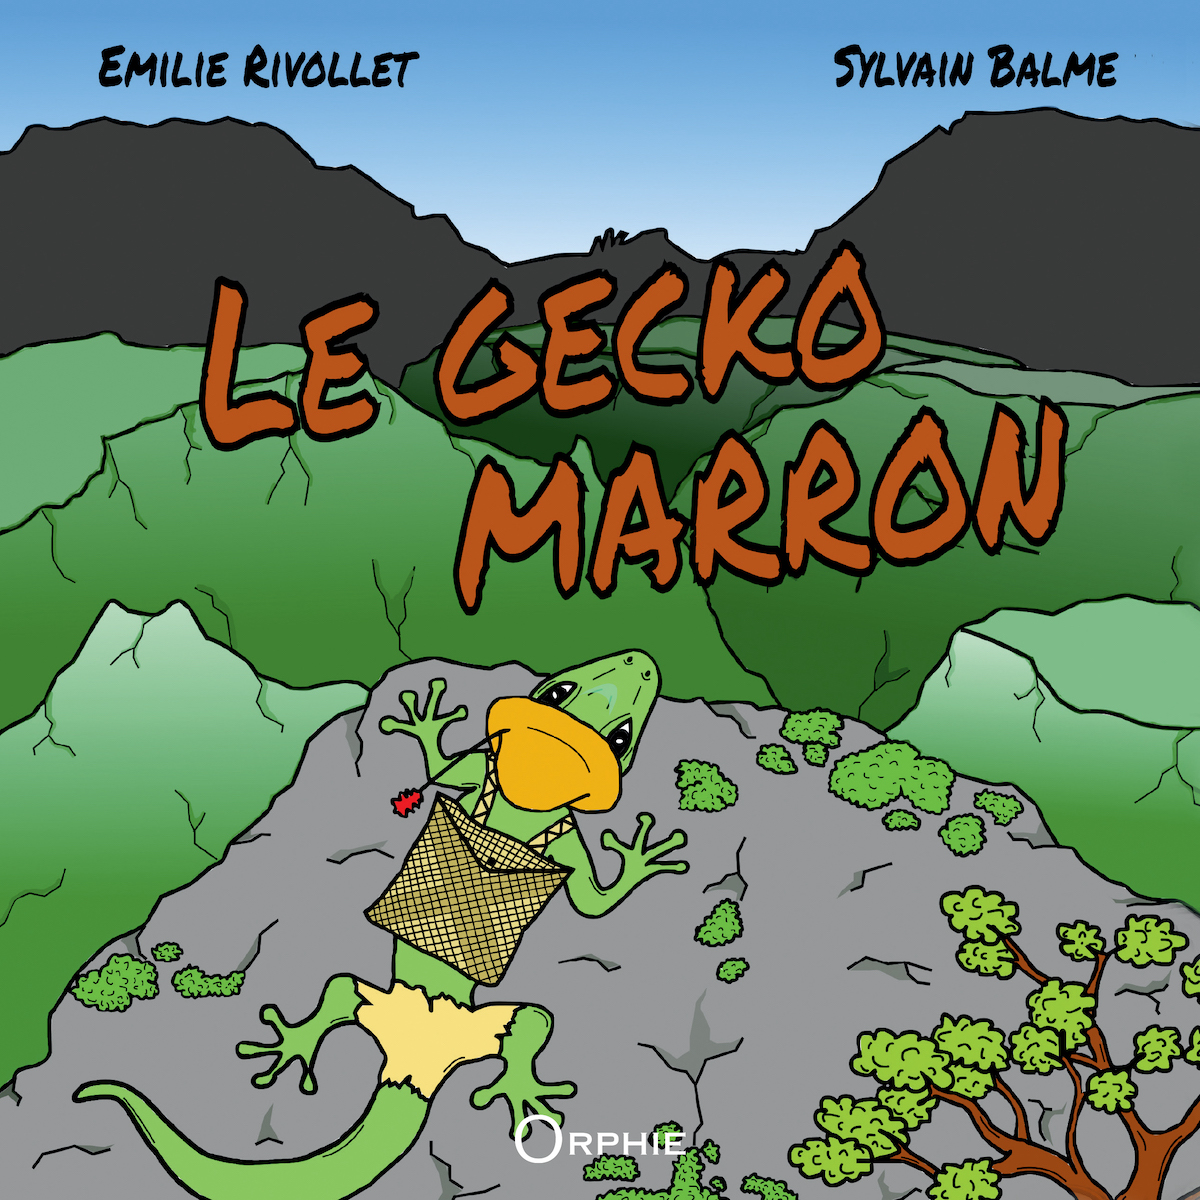 Le Gecko marron